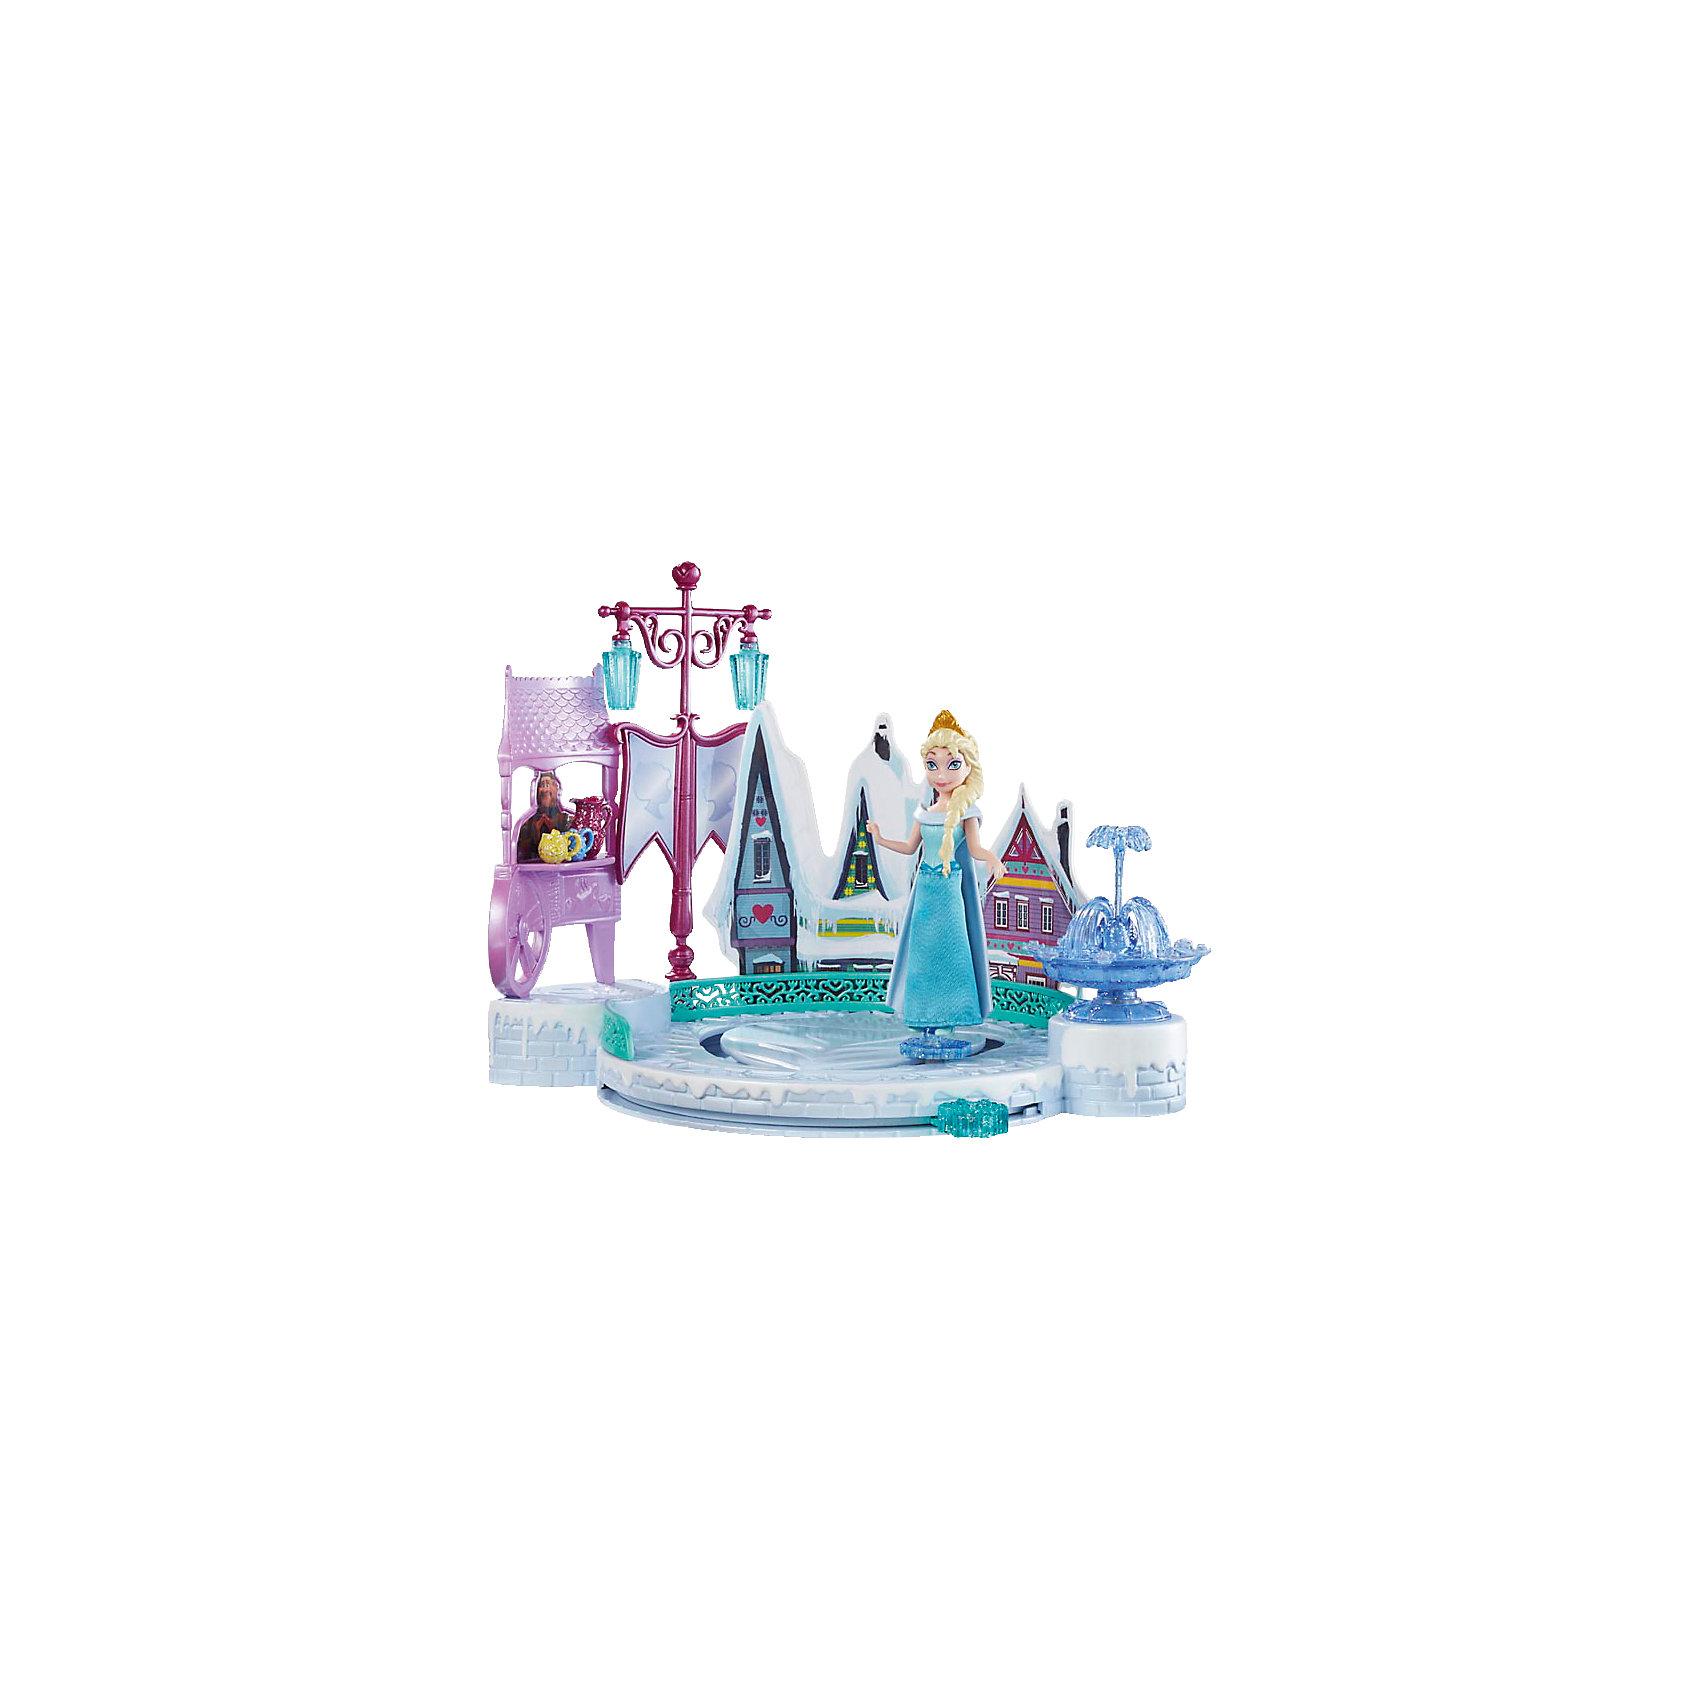 Кукла Эльза с аксессуарами, Disney PrincessПогрузись в зимнюю сказку вместе с прекрасной Эльзой! Принцесса обожает зимние забавы и катание на коньках. С помощью специального рычага можно перемещать куклу по льду небольшого озера, создавая иллюзию скольжения. Озеро располагается около чудесных маленьких домиков и красивого фонтана. Эльза одета в голубое платье, на голове у нее королевская корона. Фигурка прекрасно детализирована и очень похожа на героиню мультфильма Холодное сердце (Frozen). Прекрасный набор для вашей маленькой прекрасно принцессы!  <br><br>Дополнительная информация:<br><br>- Материал: пластик.<br>- Размер упаковки: 30 x 25 x 6 см.<br>- Не требуются батарейки. <br>- Комплектация: фигурка Эльзы, каток, дома, фонтан. <br><br>Куклу Эльзу с аксессуарами, Disney Princess (Принцессы Диснея) можно купить в нашем магазине.<br><br>Ширина мм: 310<br>Глубина мм: 261<br>Высота мм: 68<br>Вес г: 456<br>Возраст от месяцев: 36<br>Возраст до месяцев: 72<br>Пол: Женский<br>Возраст: Детский<br>SKU: 4132313